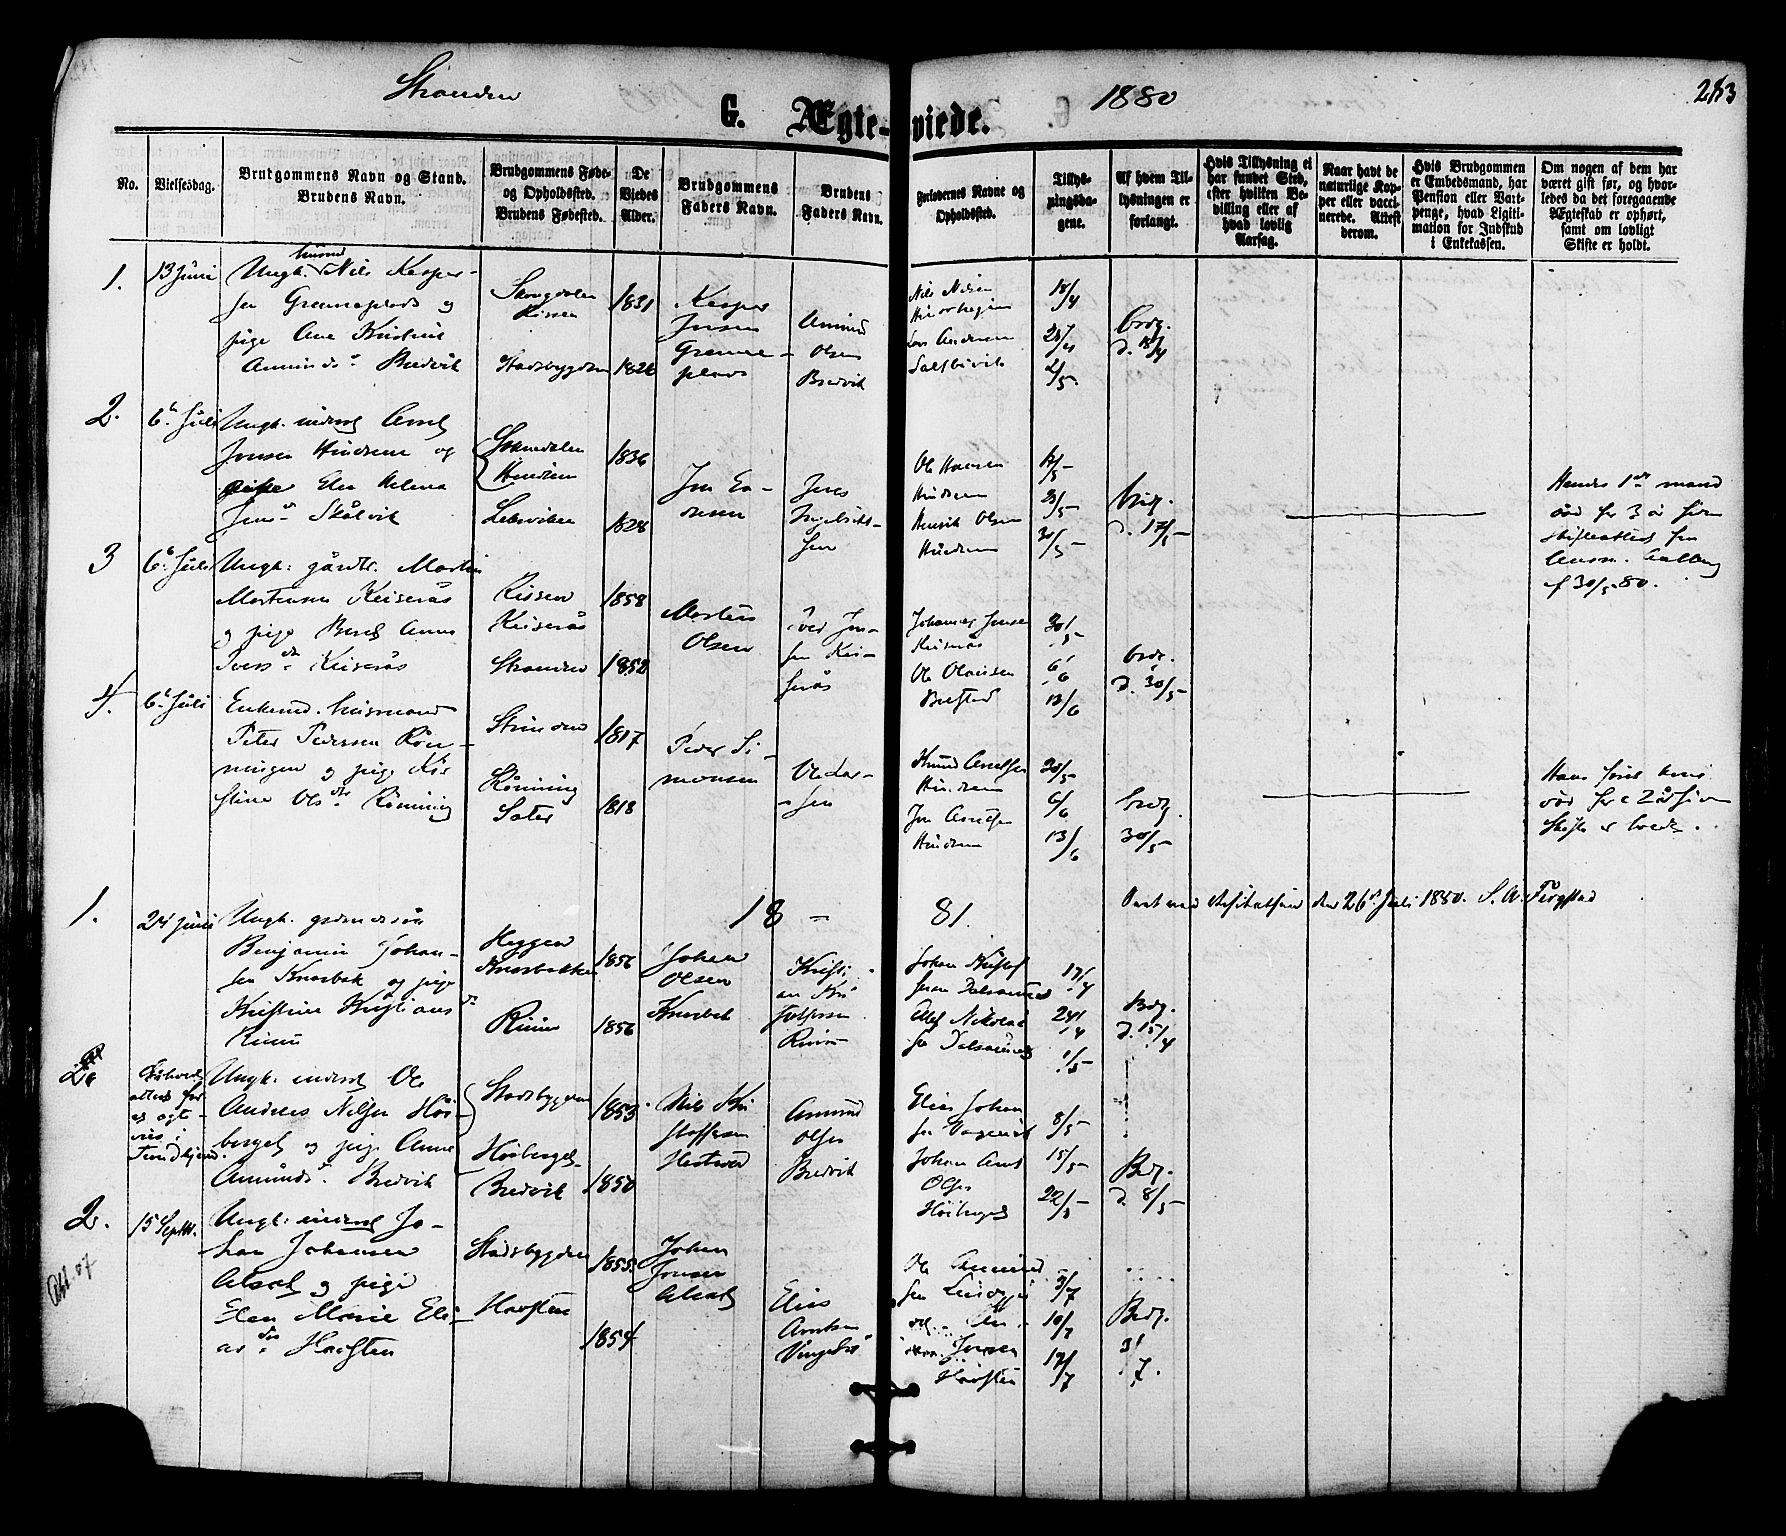 SAT, Ministerialprotokoller, klokkerbøker og fødselsregistre - Nord-Trøndelag, 701/L0009: Ministerialbok nr. 701A09 /2, 1864-1882, s. 283